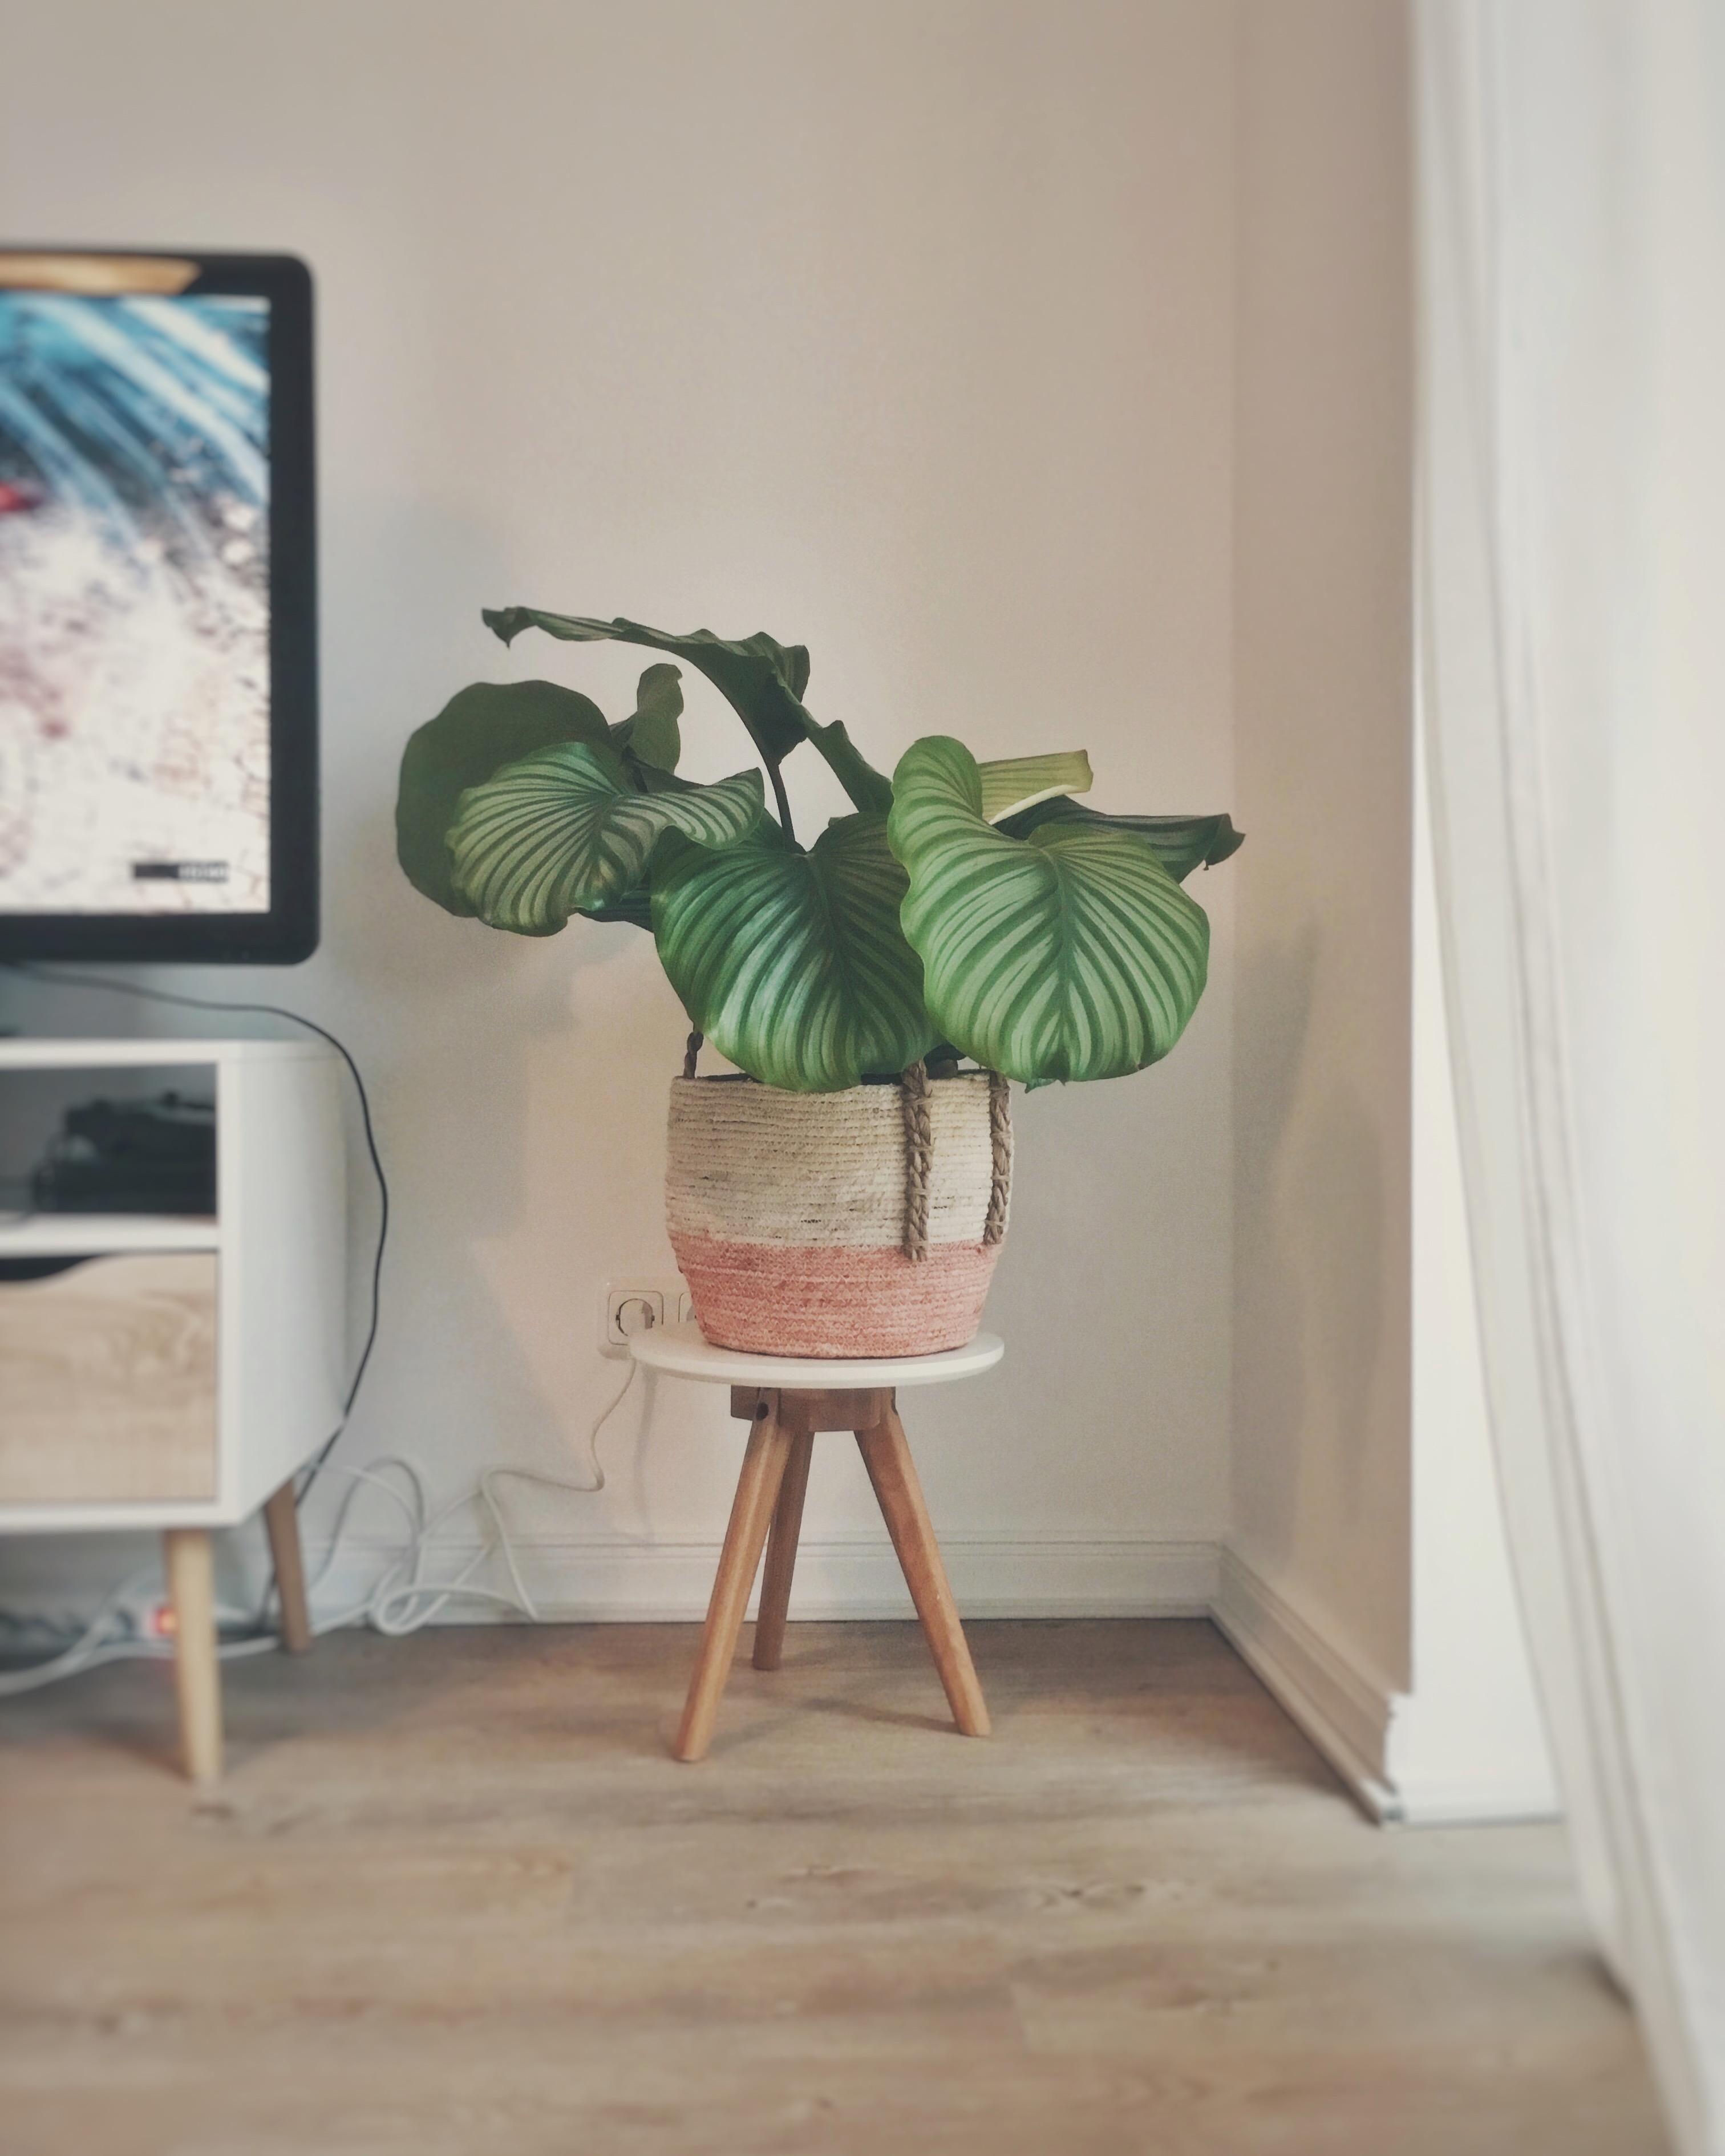 Nett wohnzimmer pflanzen galerie die kinderzimmer design for Wandgarten wohnzimmer